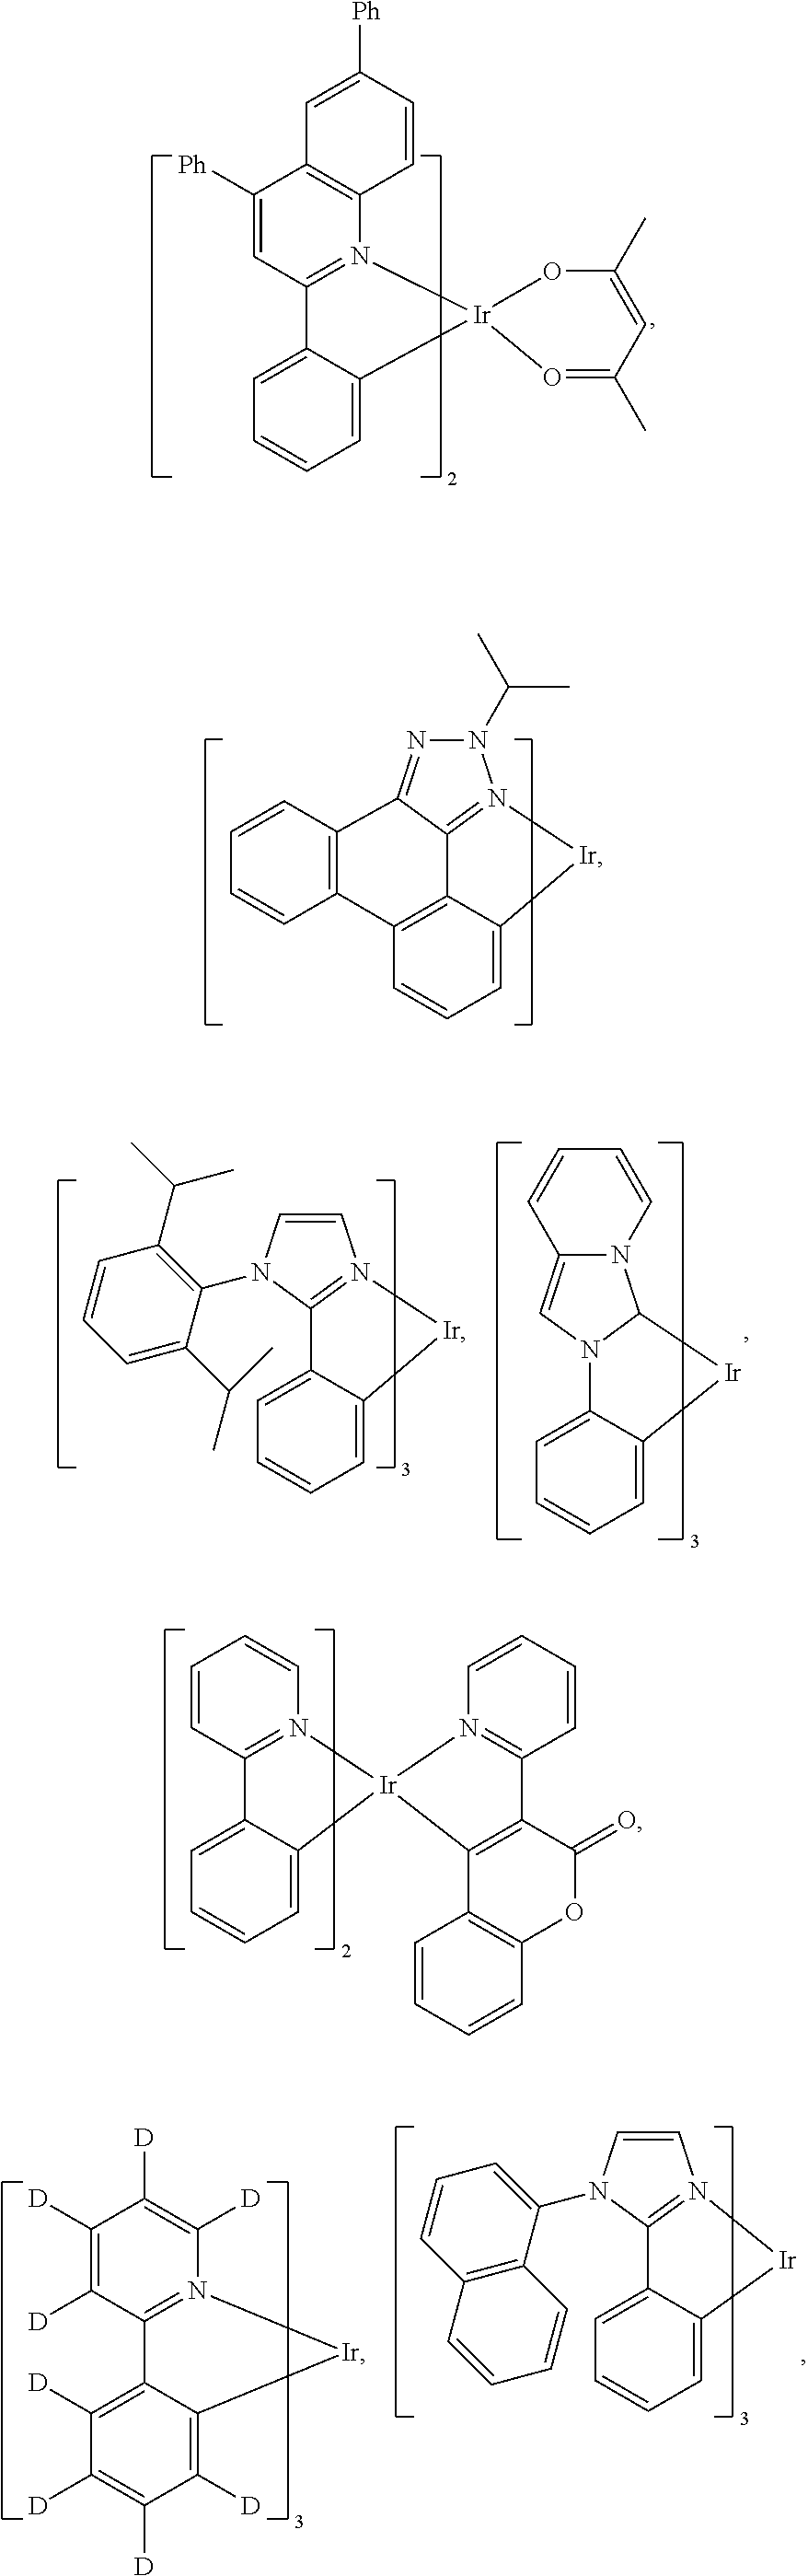 Figure US20180076393A1-20180315-C00117